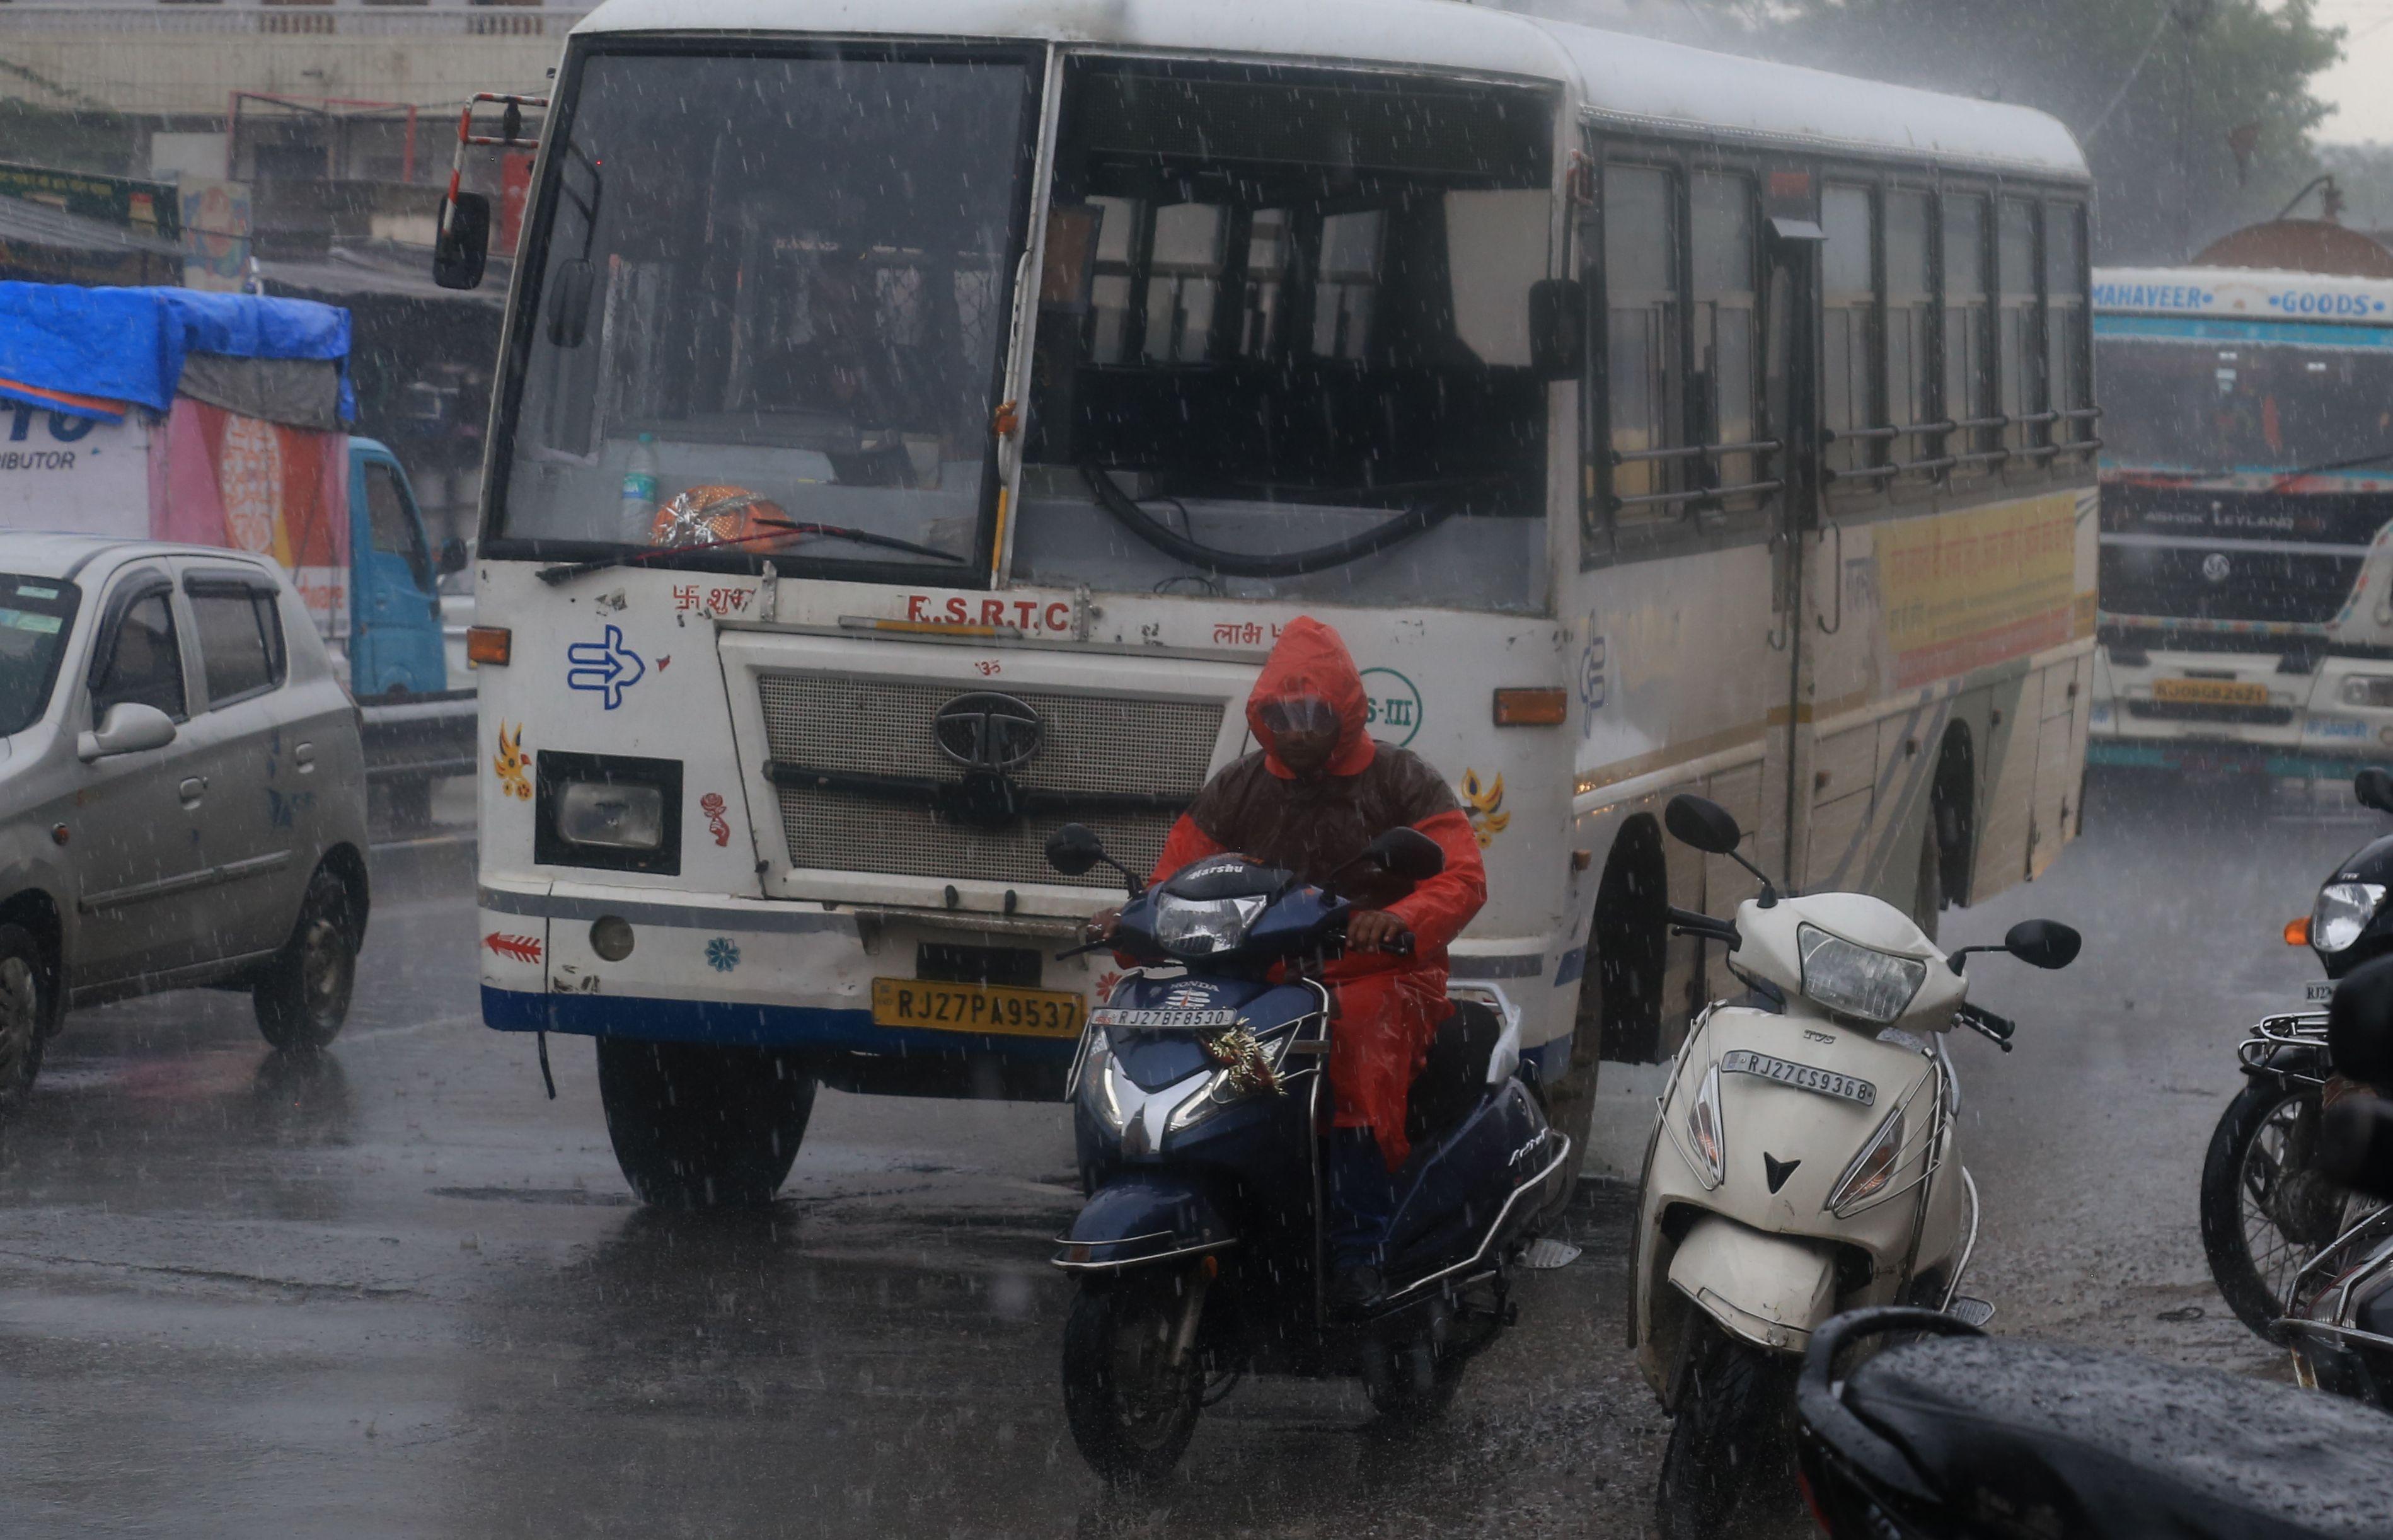 उदयपुर में घनघोर घटाओं से दिन में छाया अंधेरा, 15 मिनट तक तेज बौछारों के बाद शाम तक रुक-रुक कर रिमझिम का चला दौर